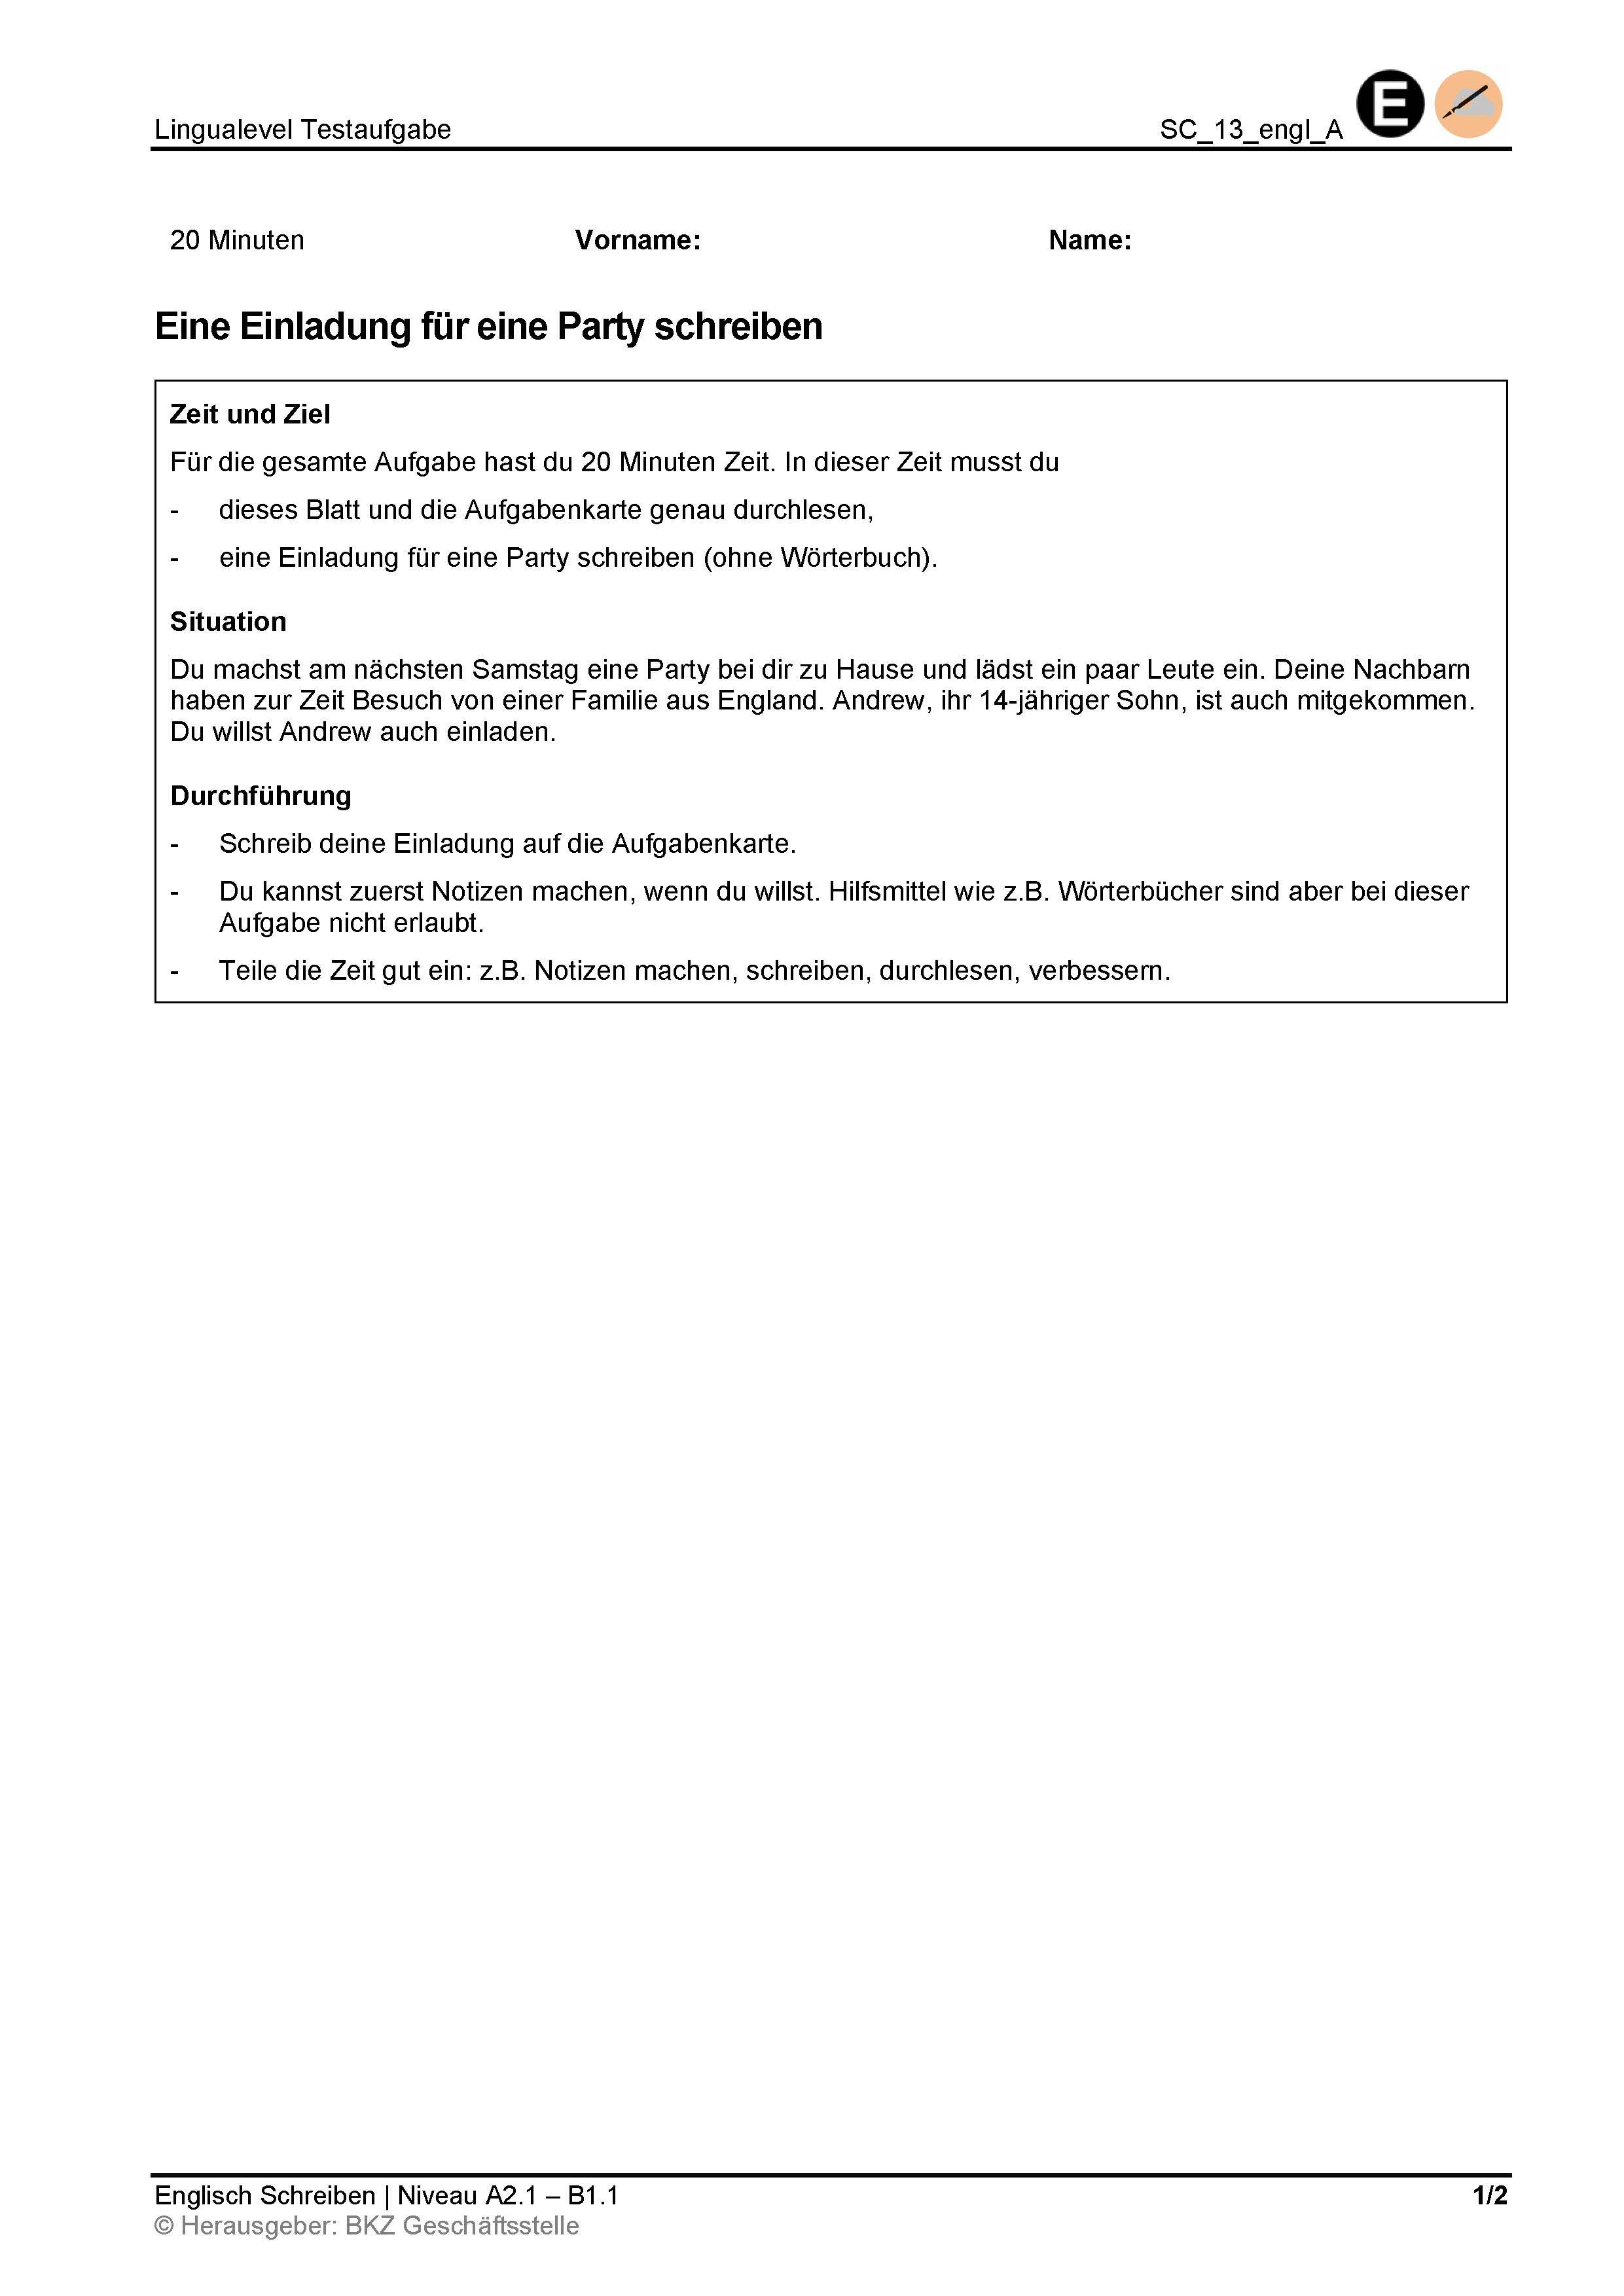 Preview image for LOM object Schreiben: Eine Einladung für eine Party schreiben